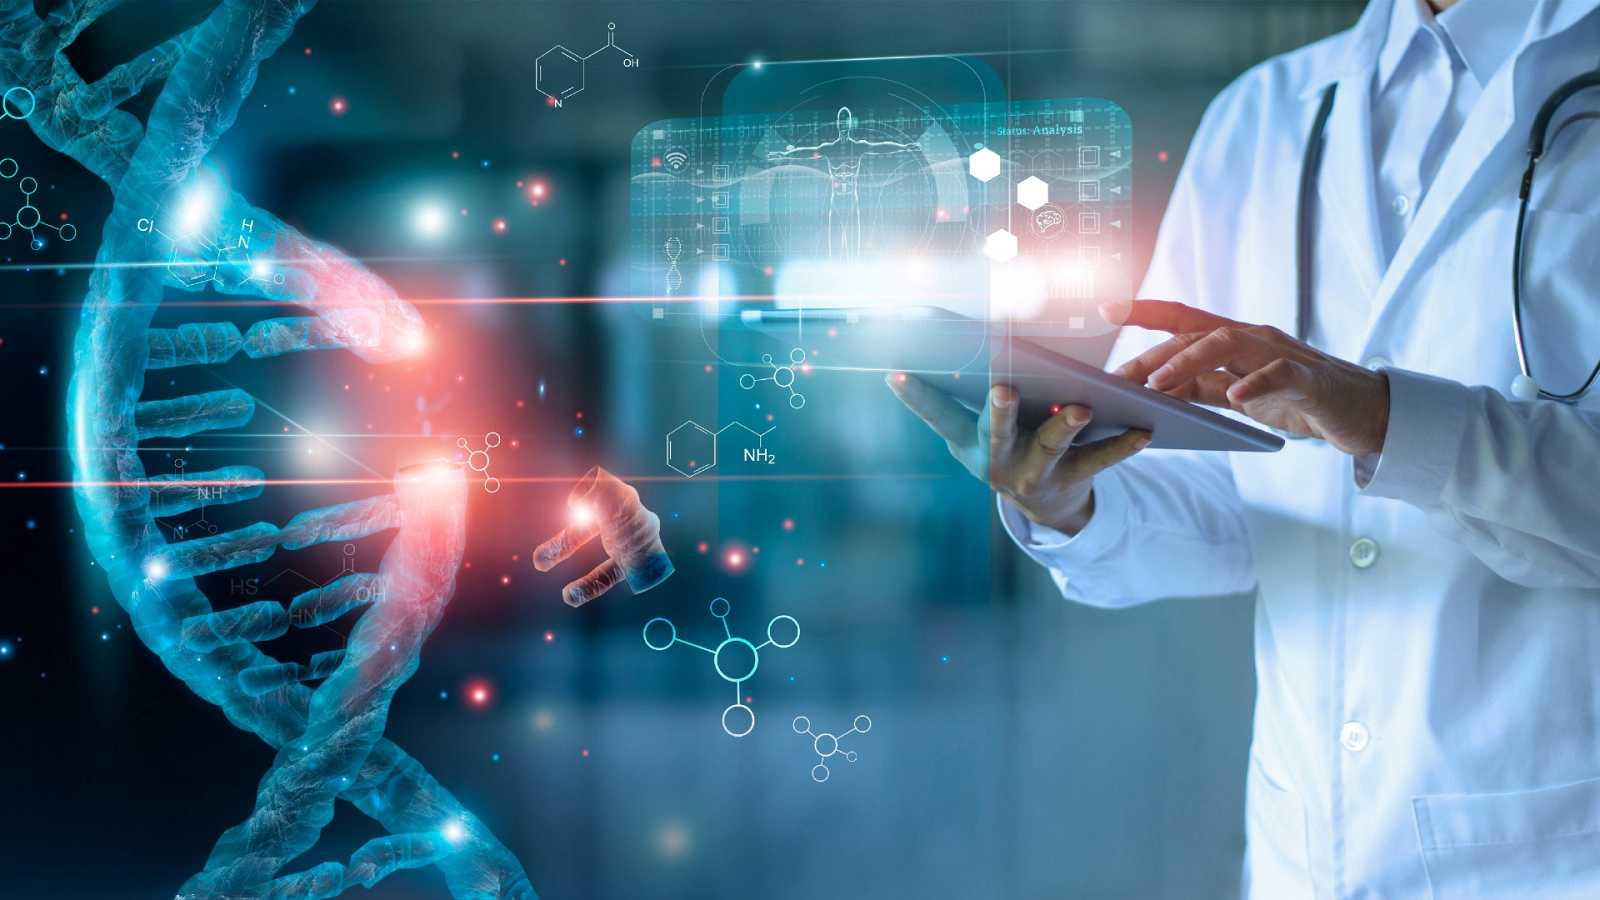 A su salud -  Inteligencia Artificial para el diagnóstico de la amiloidosis - 07/05/21 - Escuchar ahora